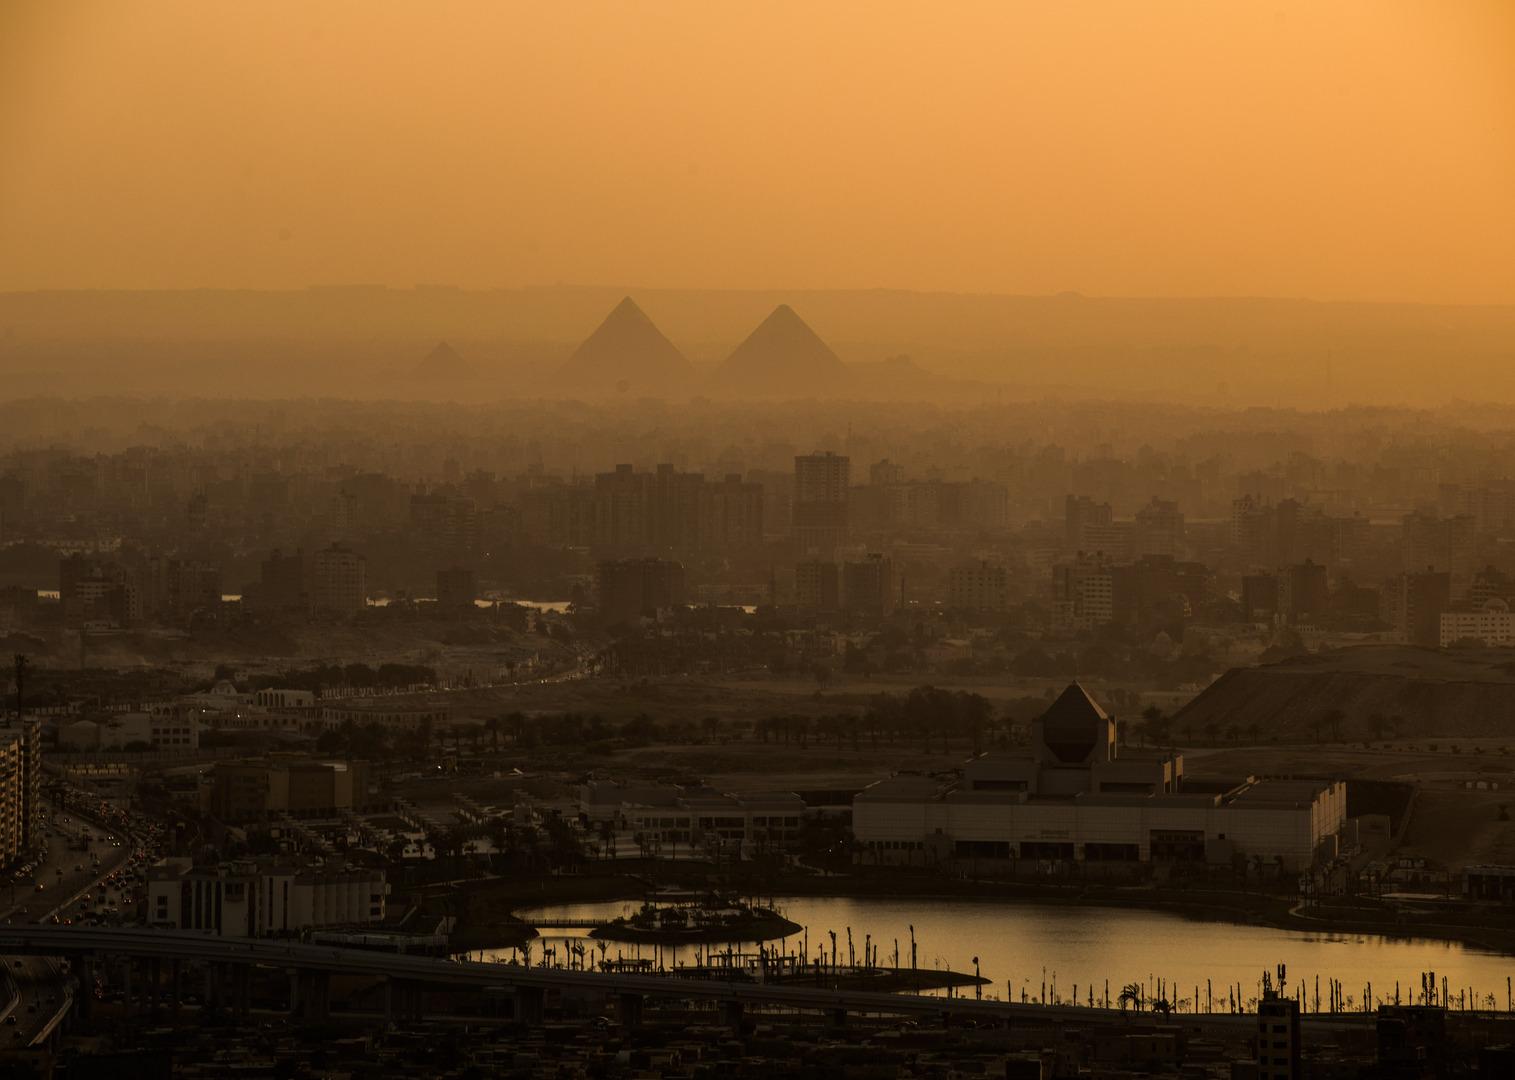 مصر.. تعليمات واستعدادات عاجلة لحالة عدم الاستقرار الجوي